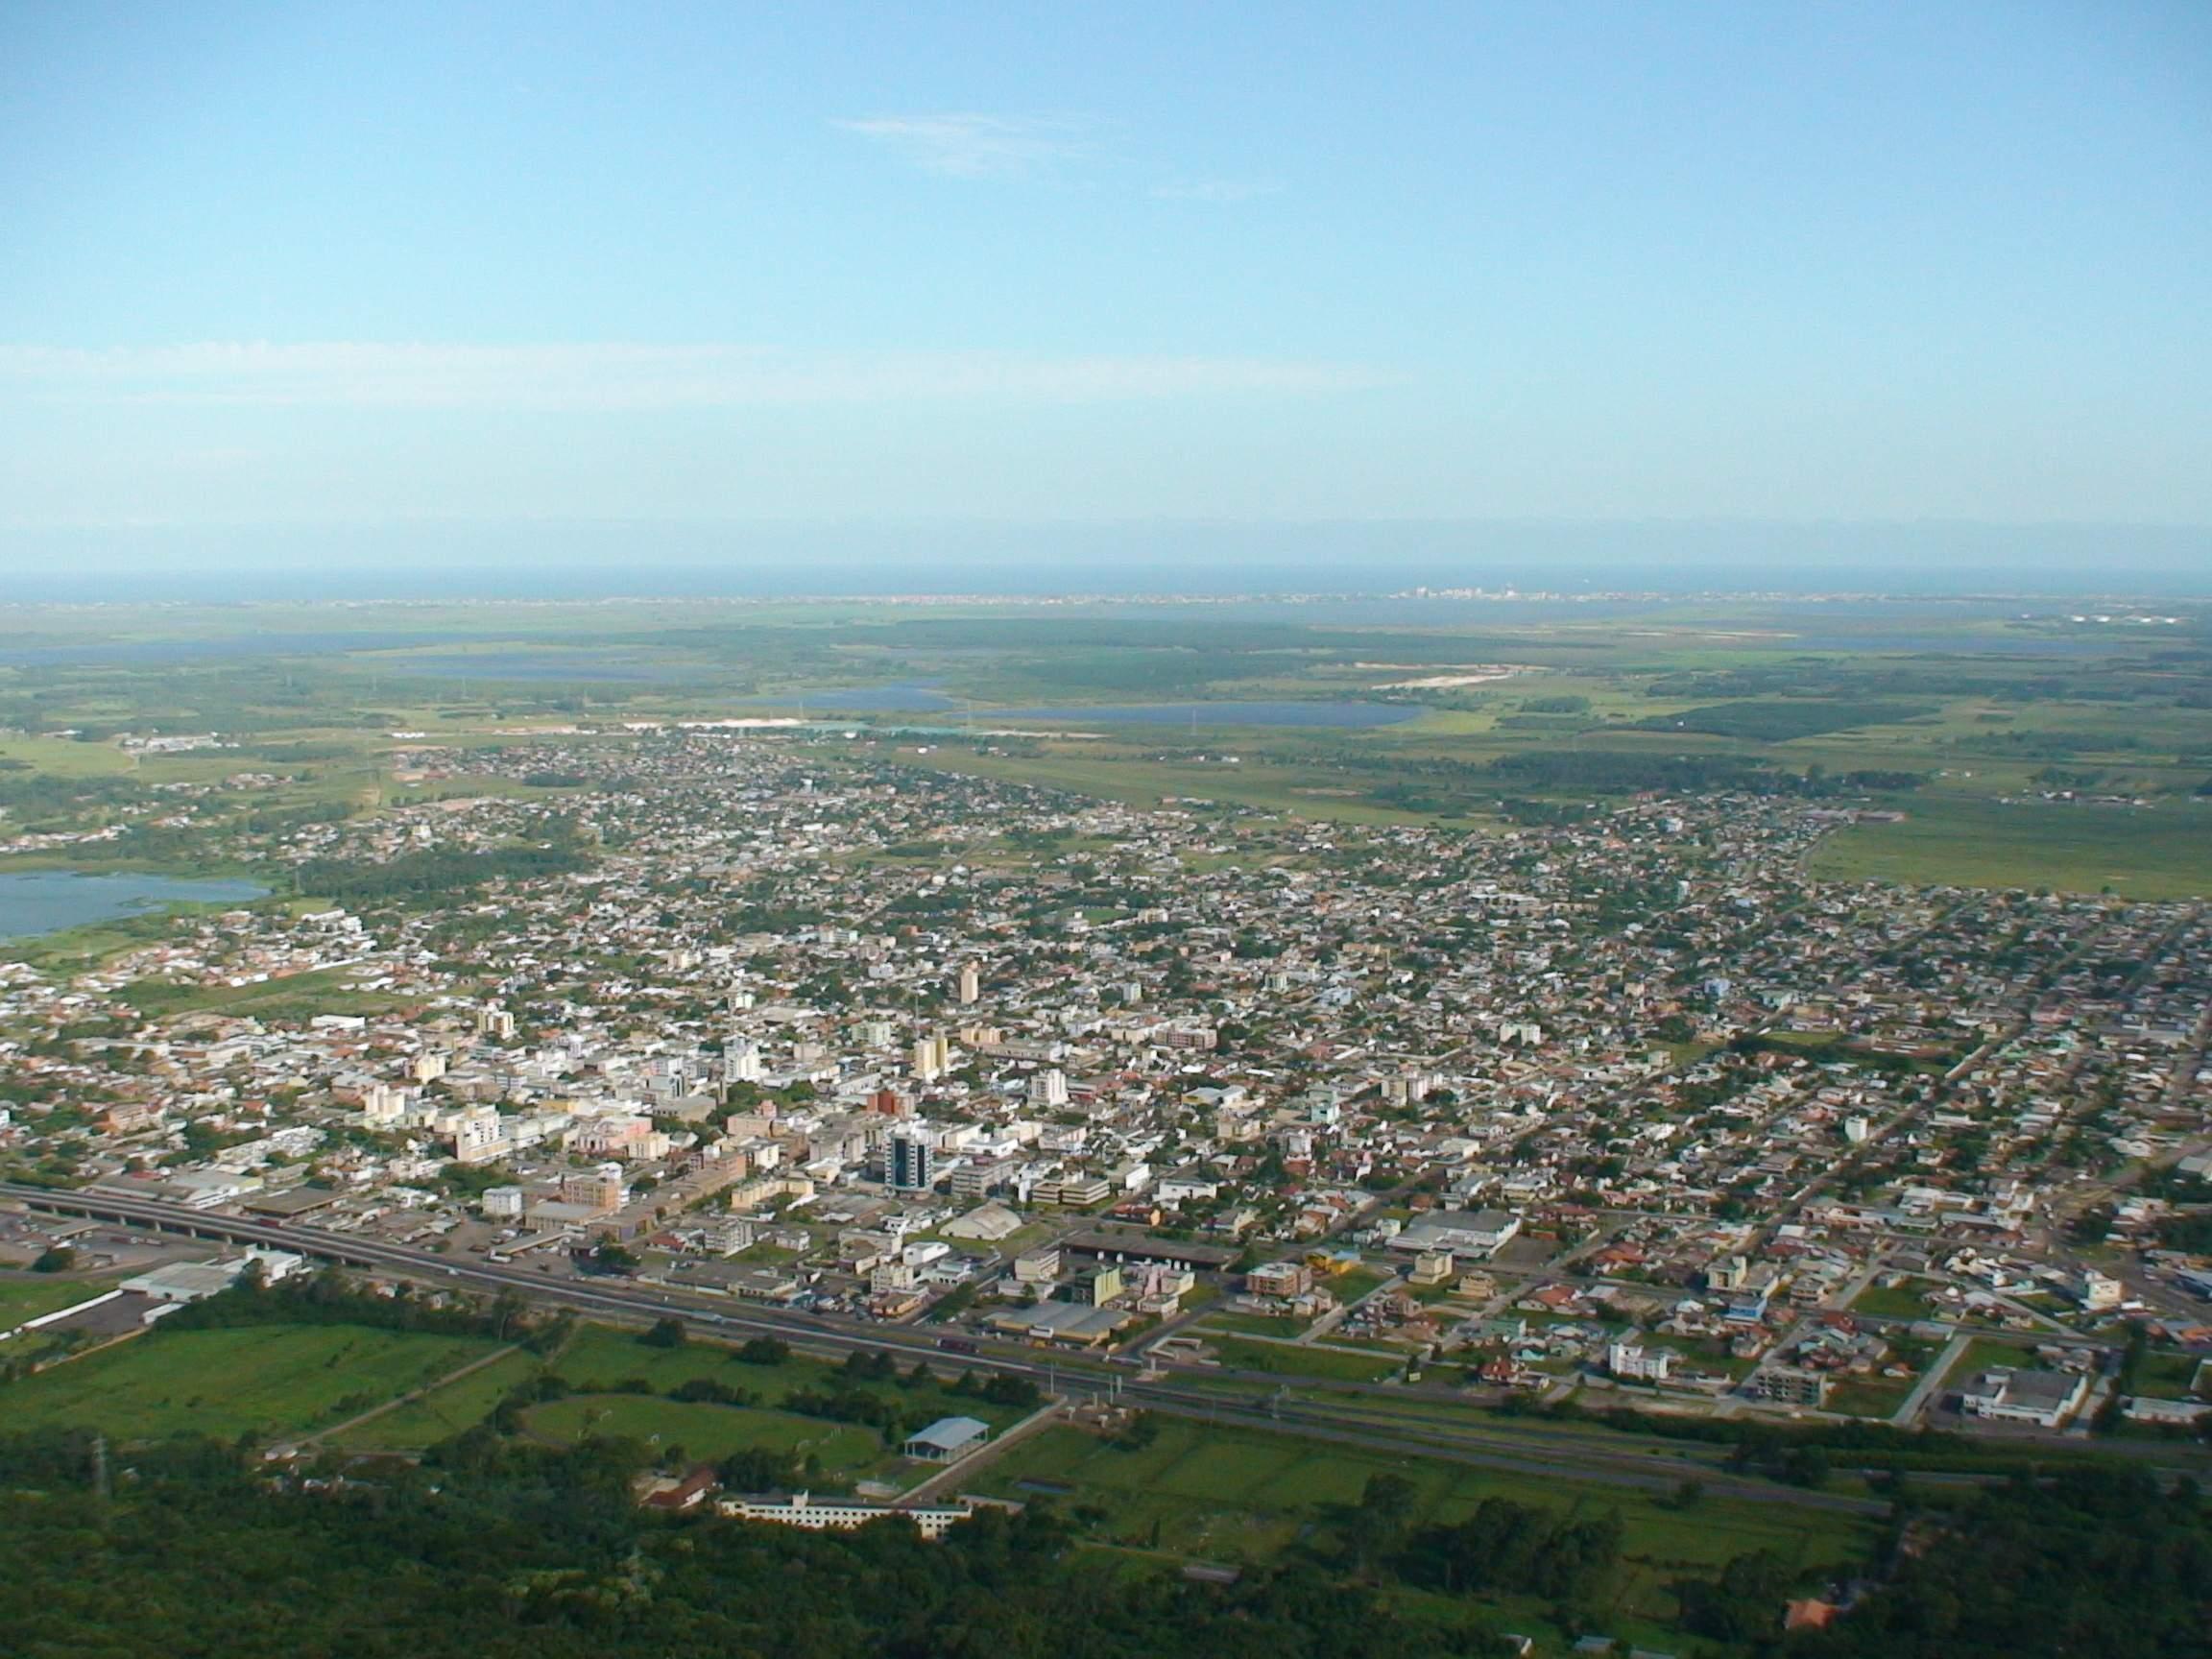 Osório Rio Grande do Sul fonte: upload.wikimedia.org